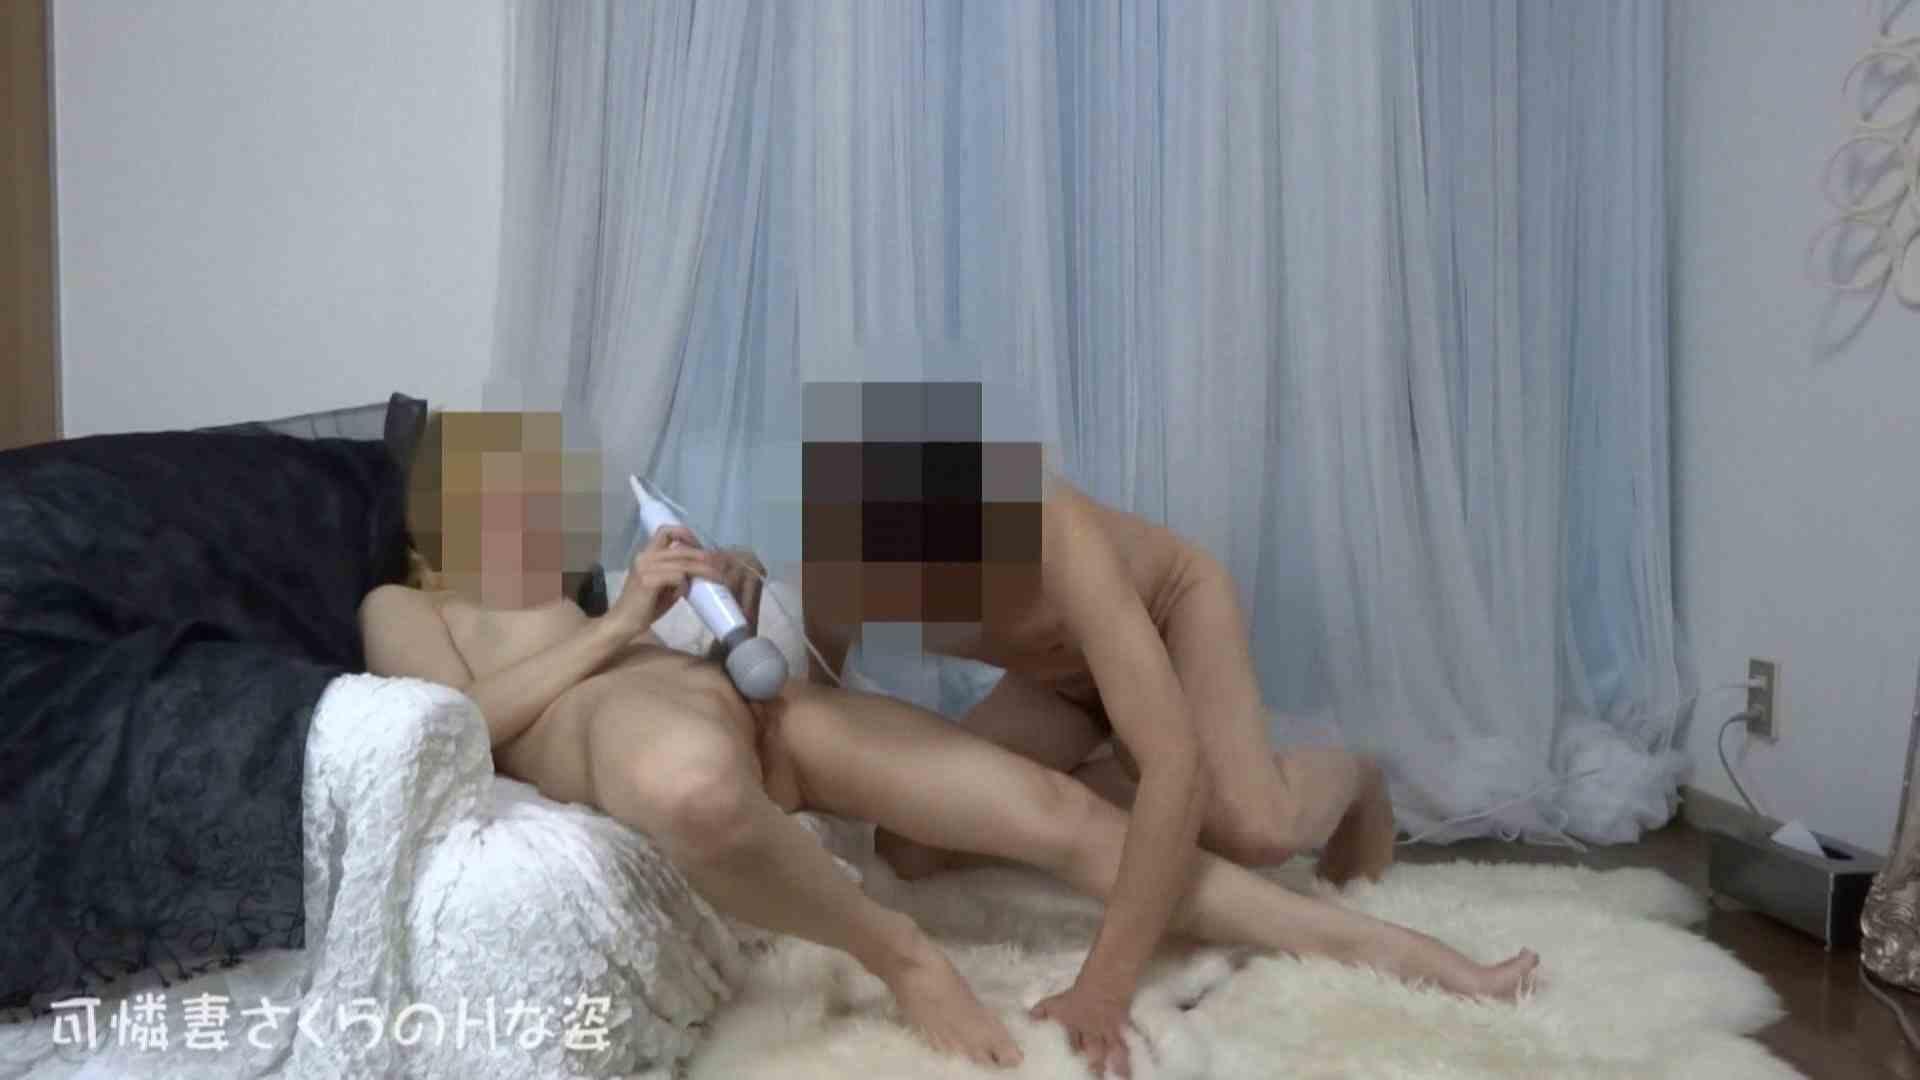 可憐妻さくらのHな姿vol.29 リアル・マンコ セックス無修正動画無料 51pic 3